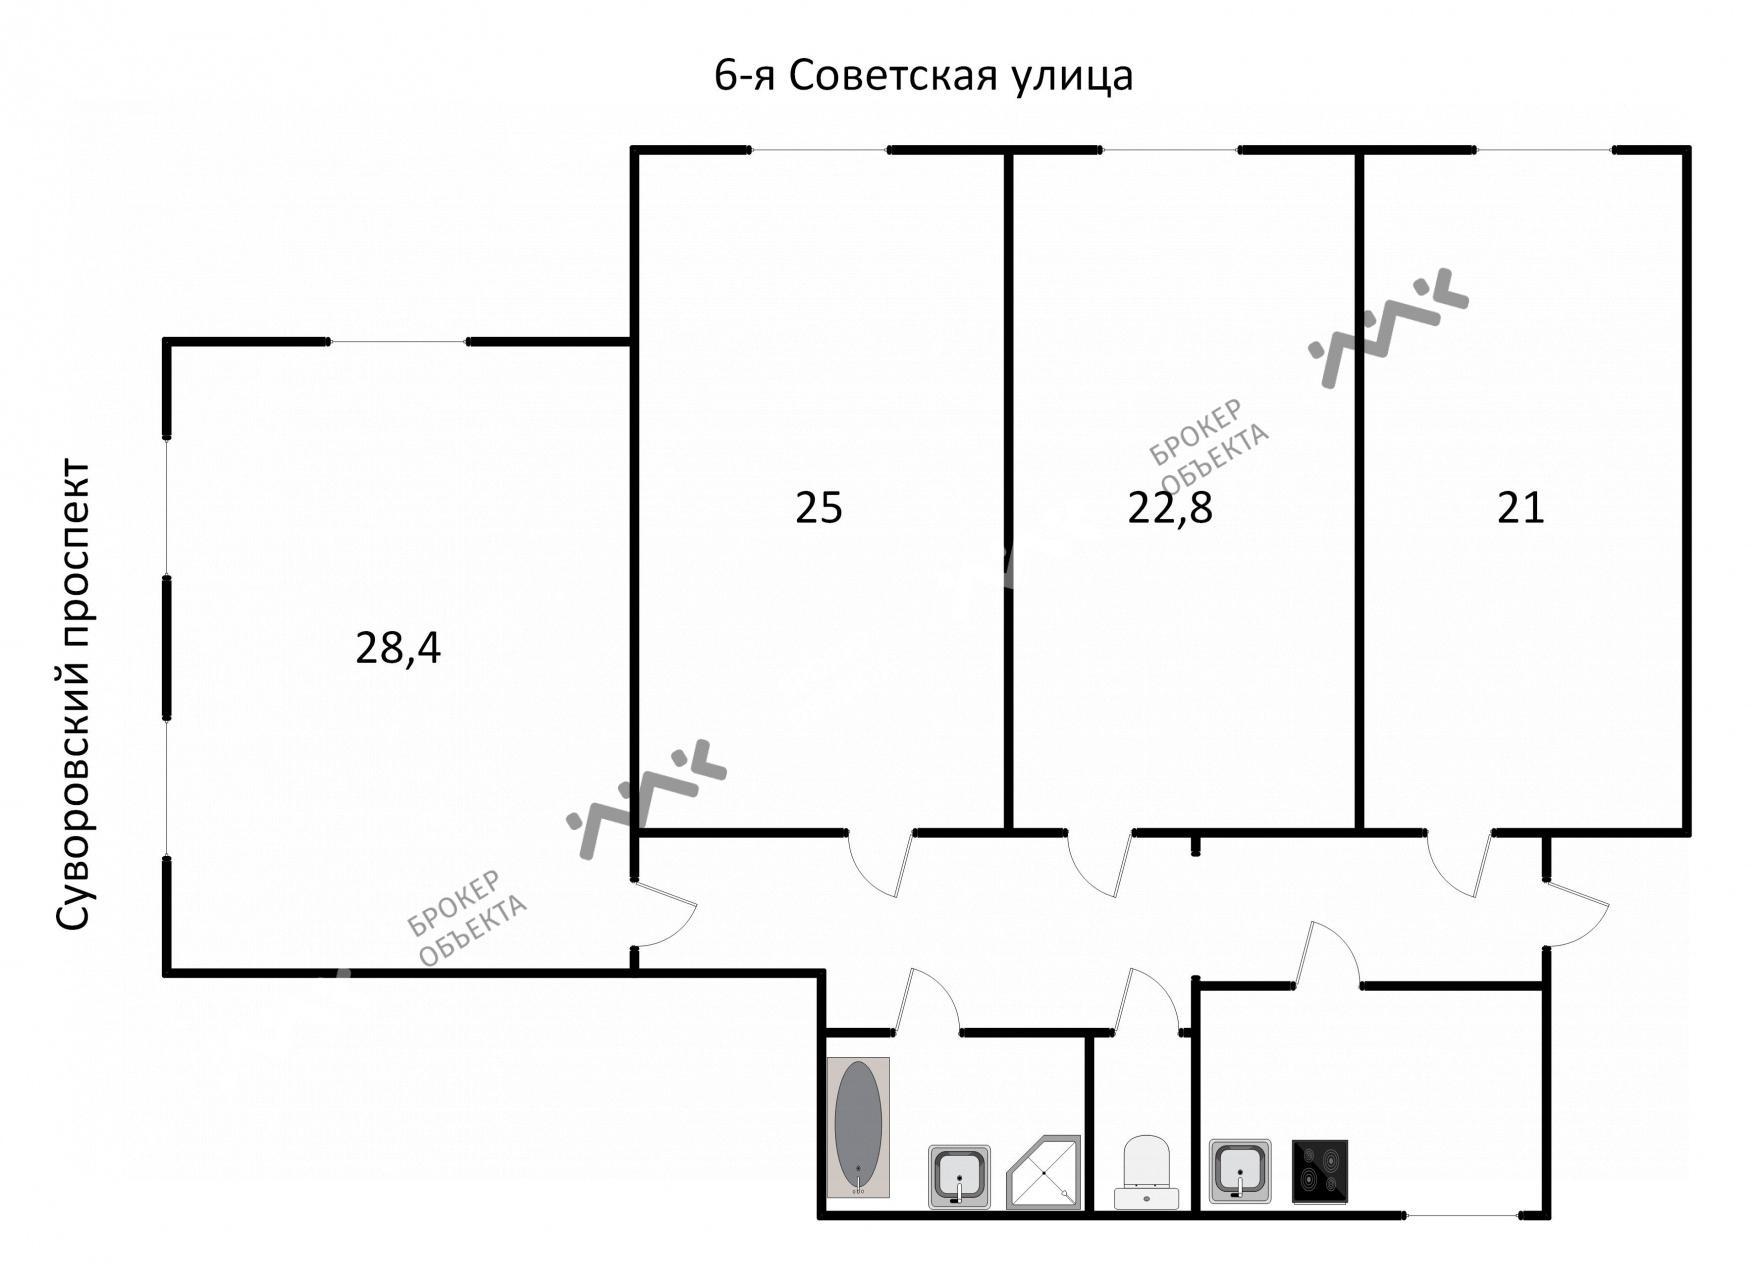 Планировка Суворовский проспект, д.15. Лот № 758830